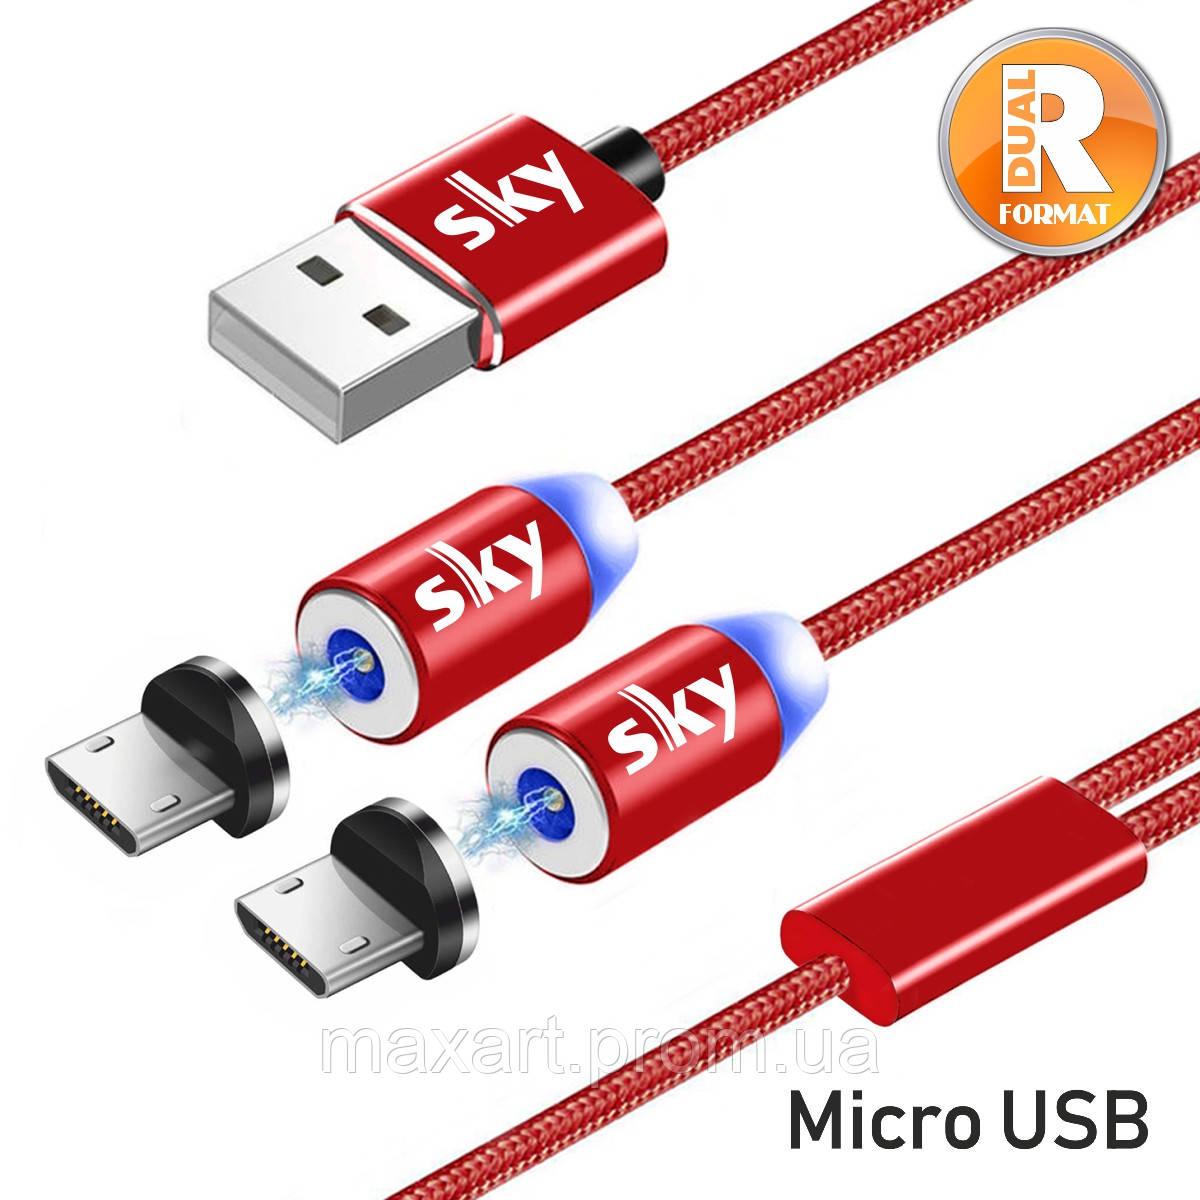 Кабель магнитный USB SKY (R DUAL-line) Micro USB (120 см) Red